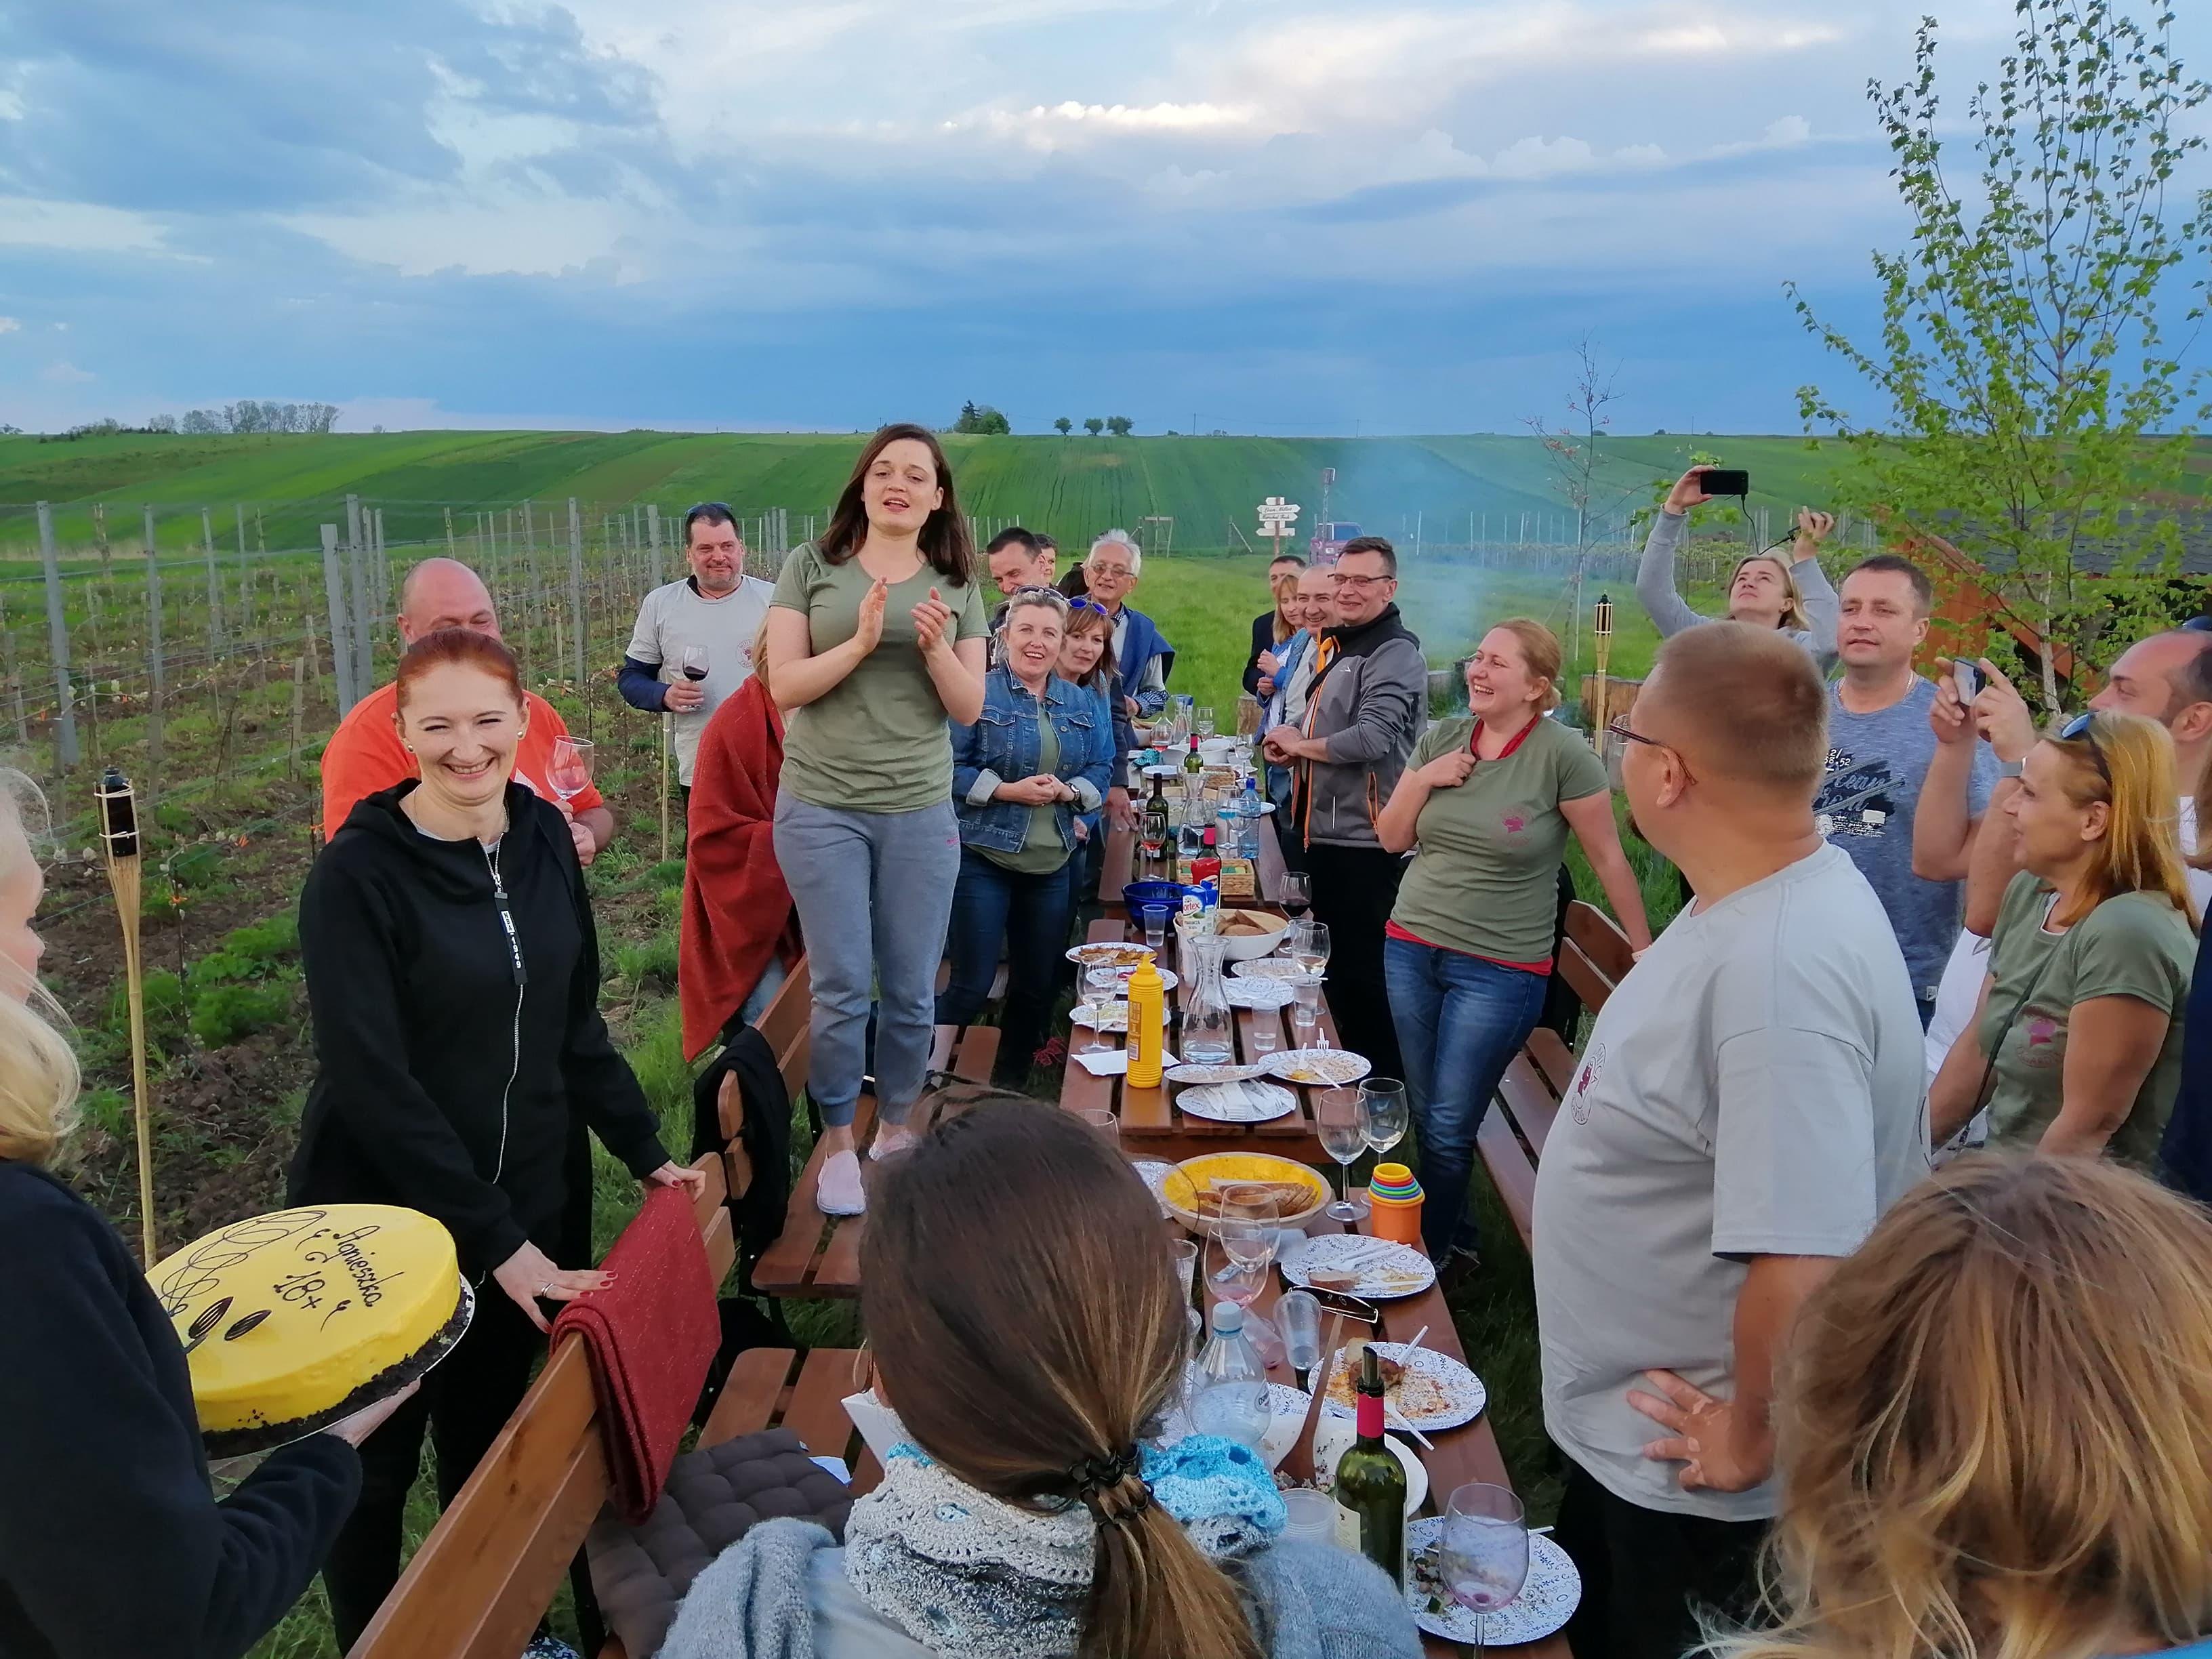 impreza urodzinowa w winnicy, winnica nieopodal Krakowa